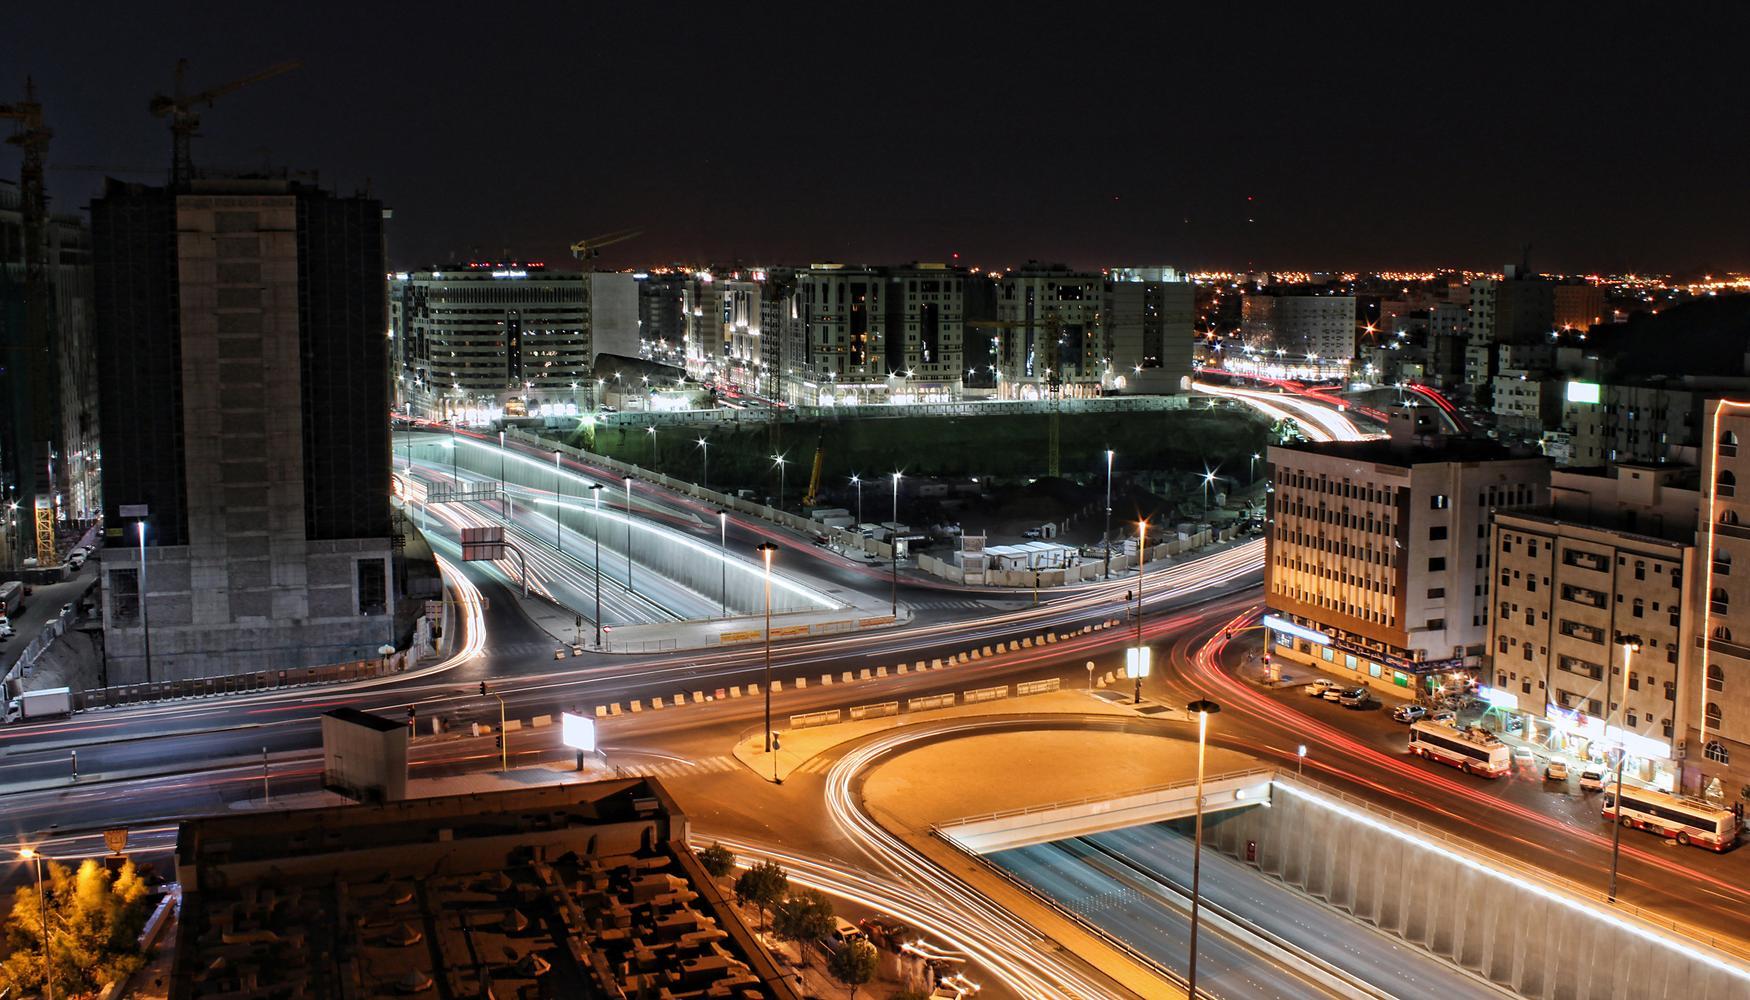 麦地那 穆罕默德·本·阿卜杜勒-阿齐兹亲王国际机场的租车